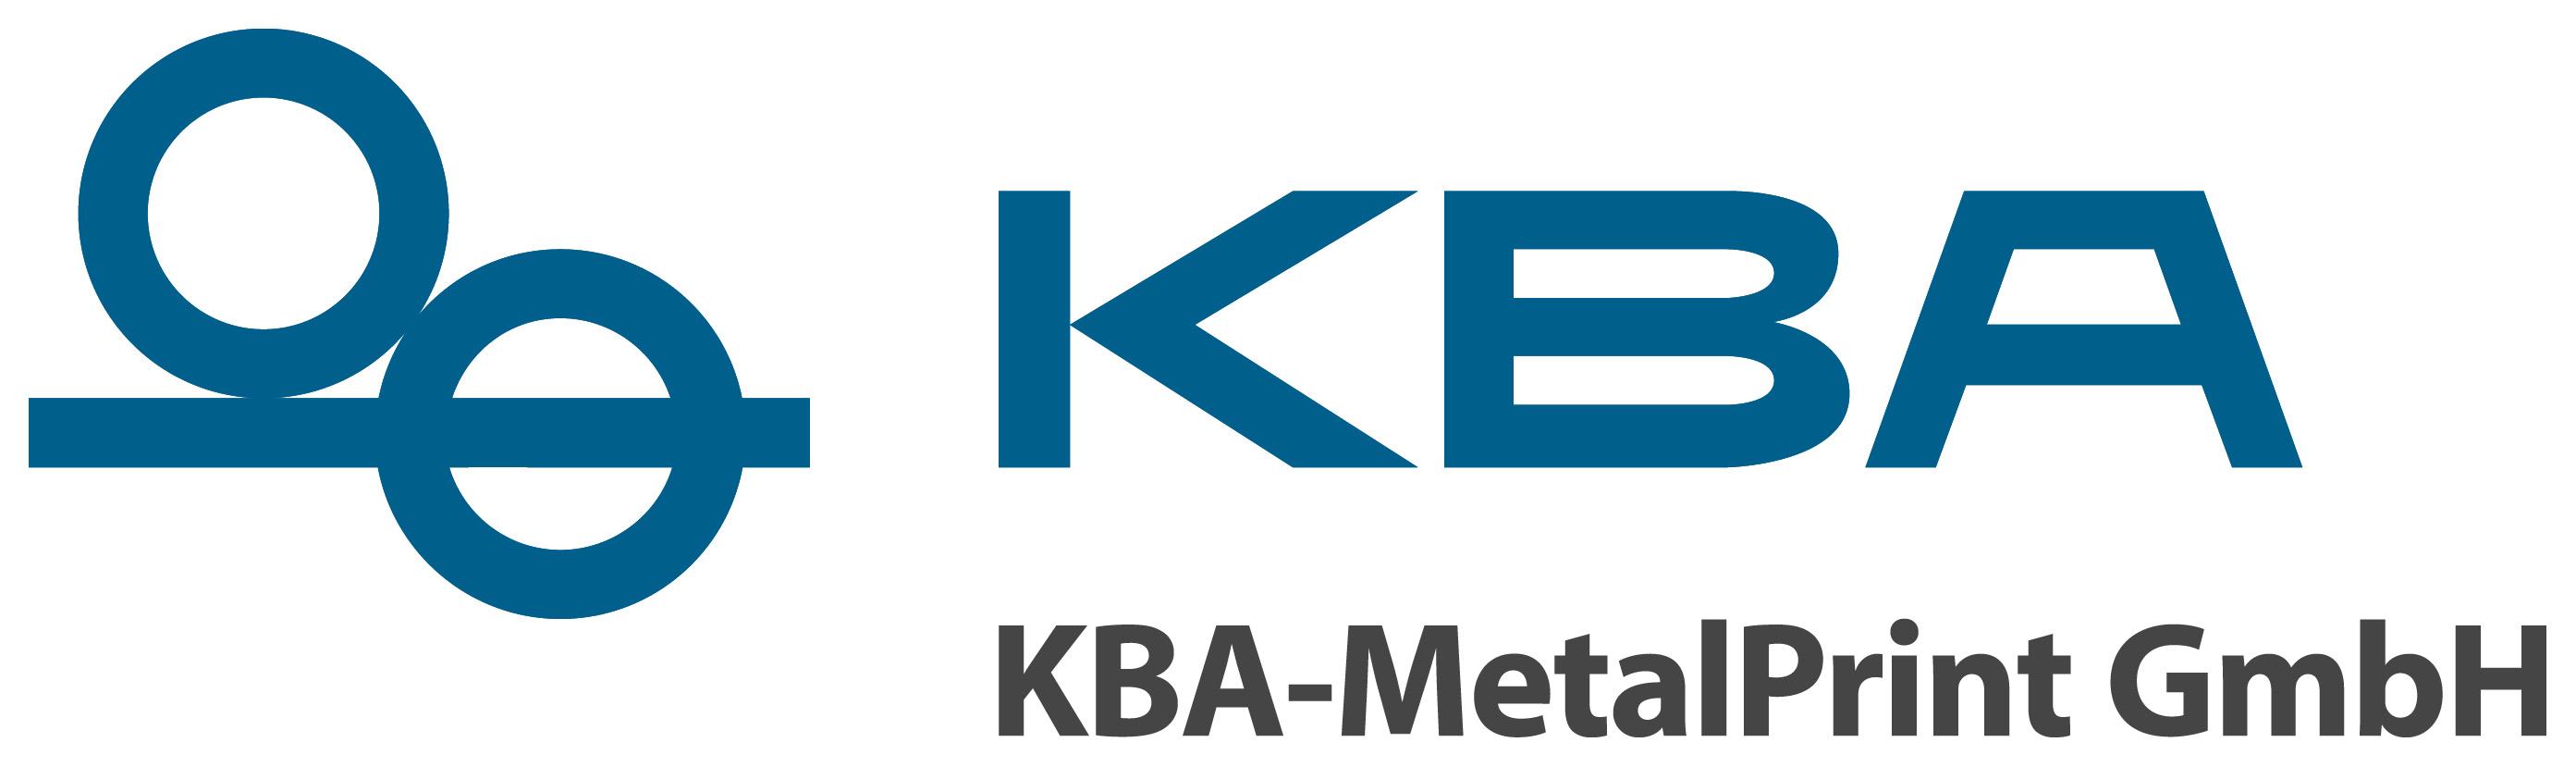 Aktie Kba